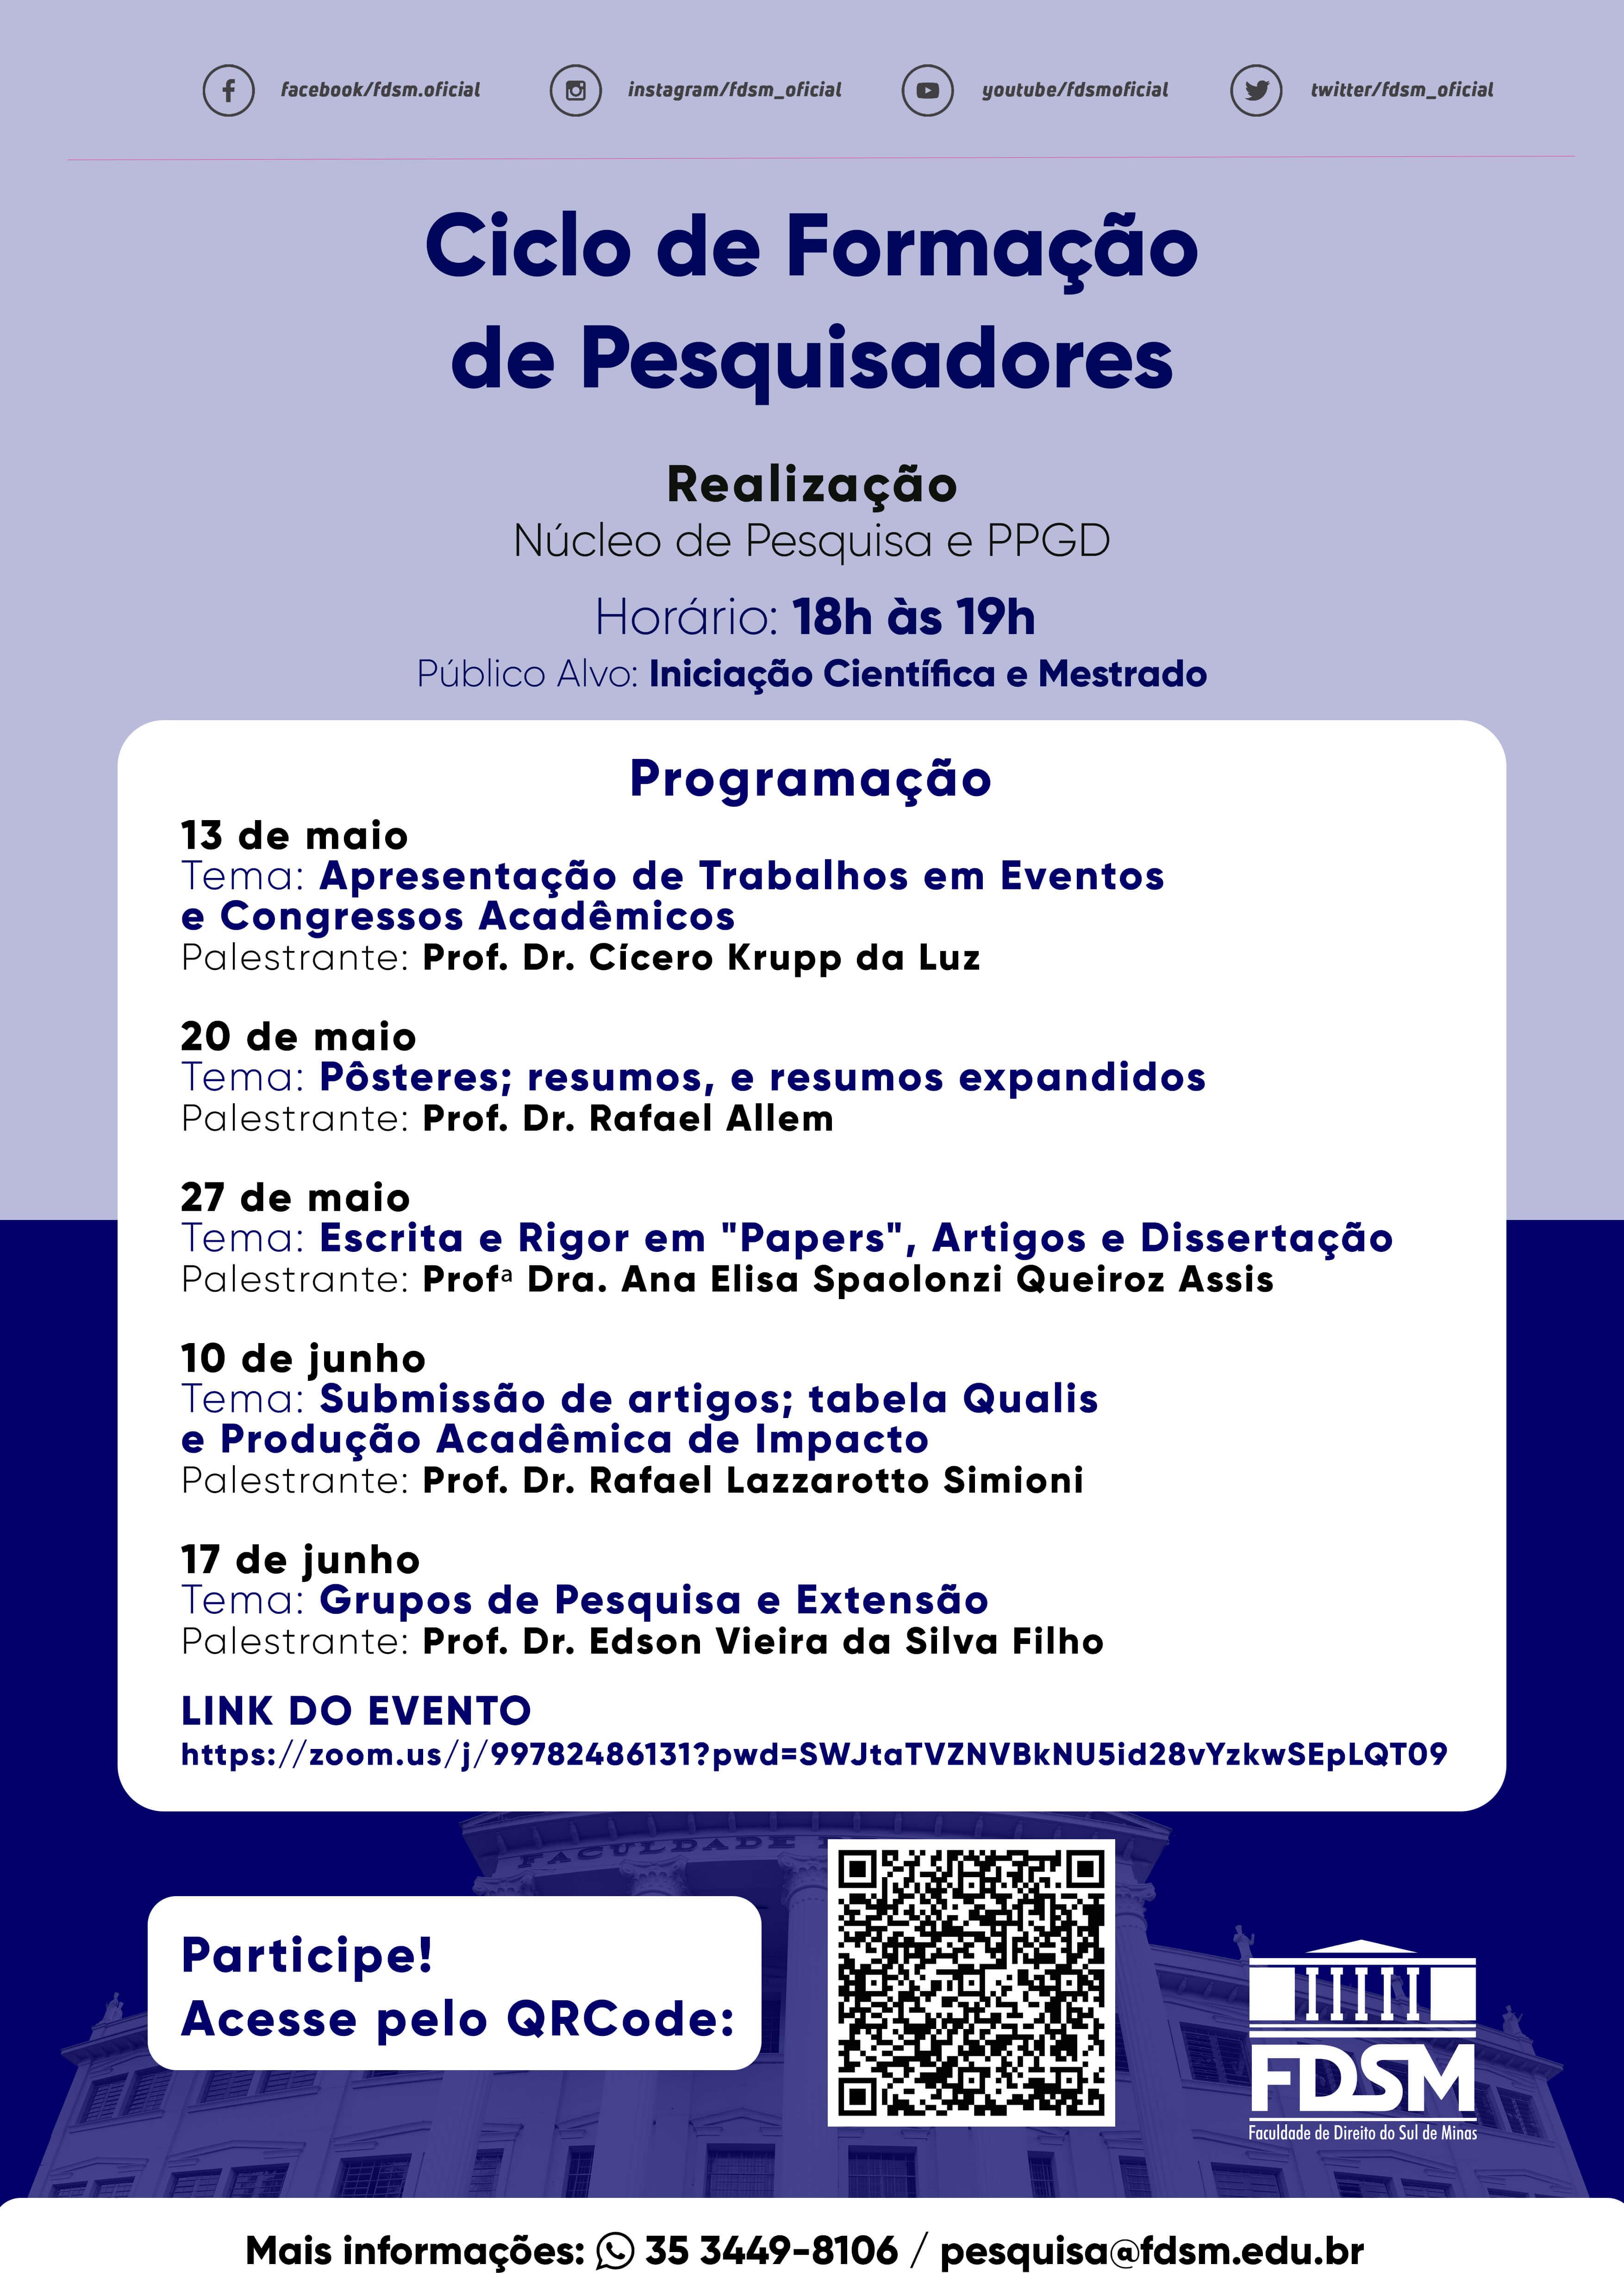 Evento 760 - CICLO DE FORMAÇÃO DE PESQUISADORES